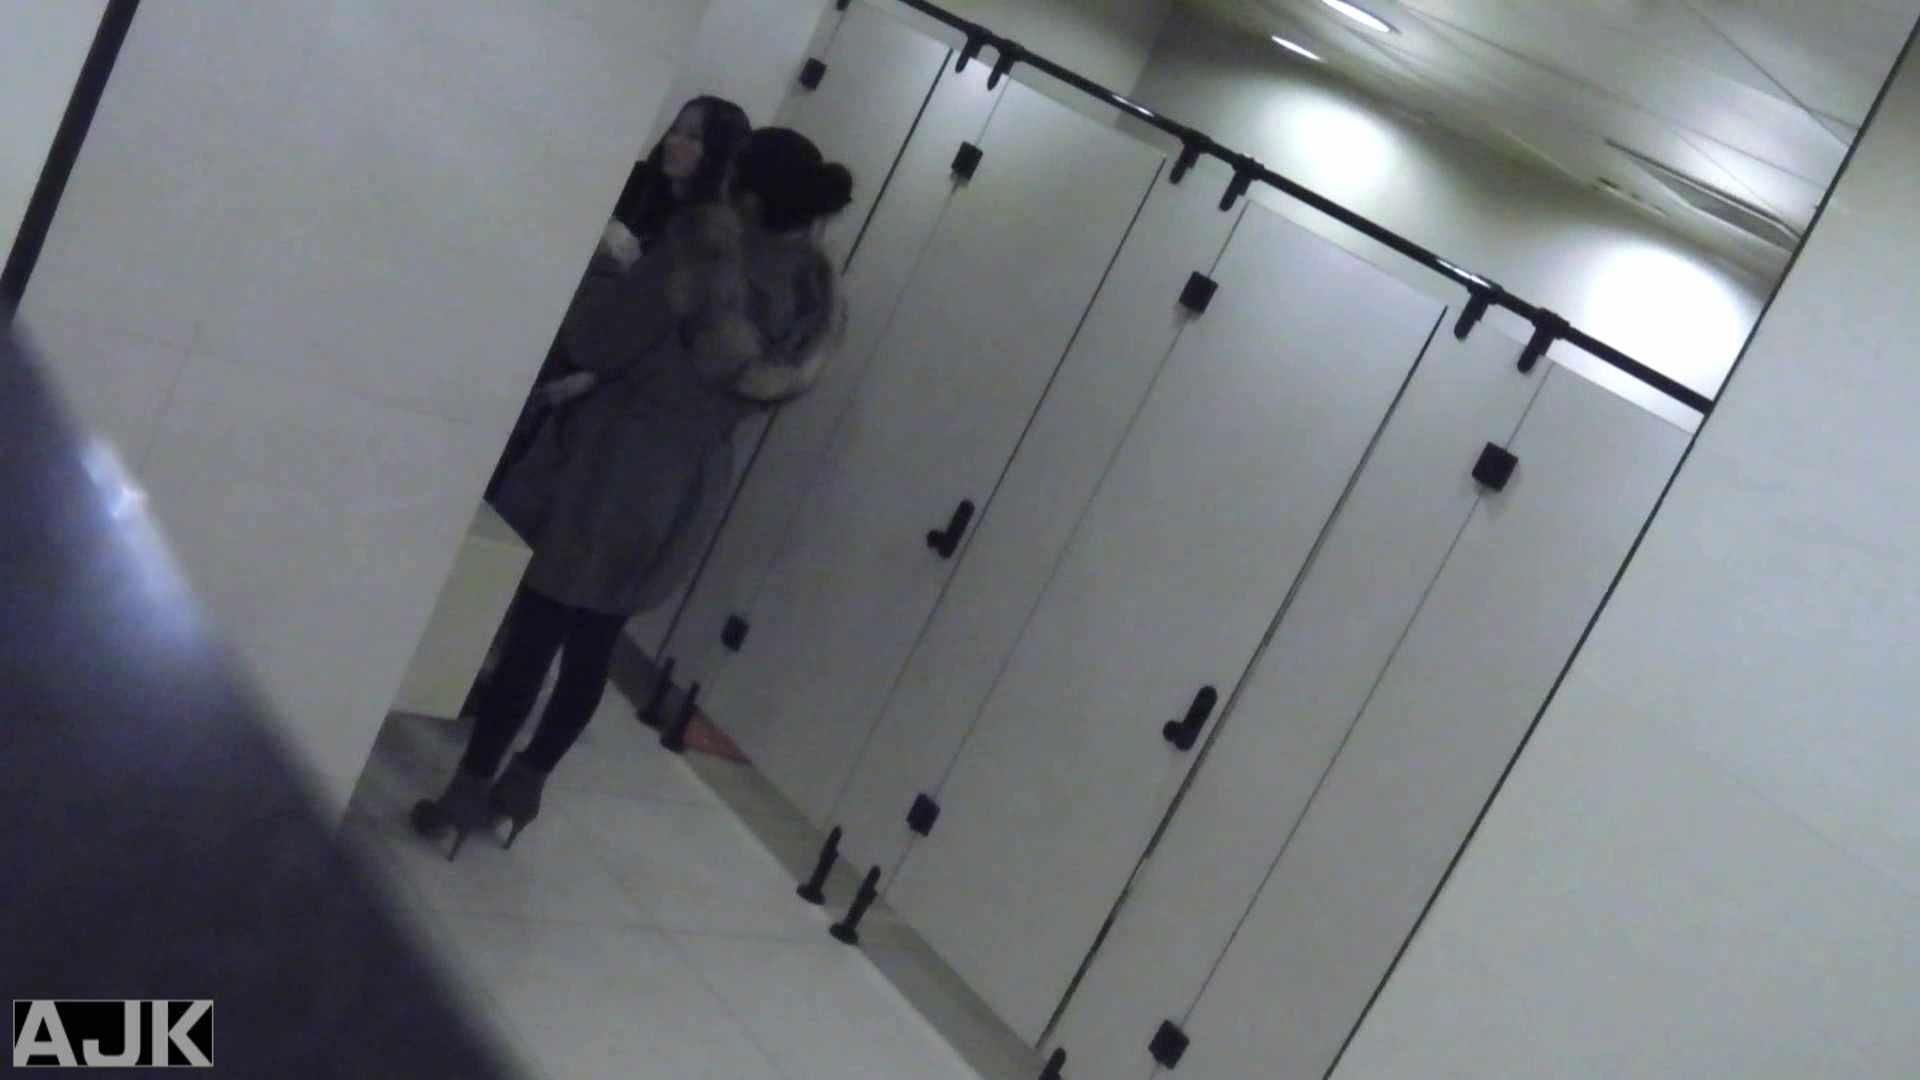 隣国上階級エリアの令嬢たちが集うデパートお手洗い Vol.30 盗撮編 性交動画流出 100枚 80